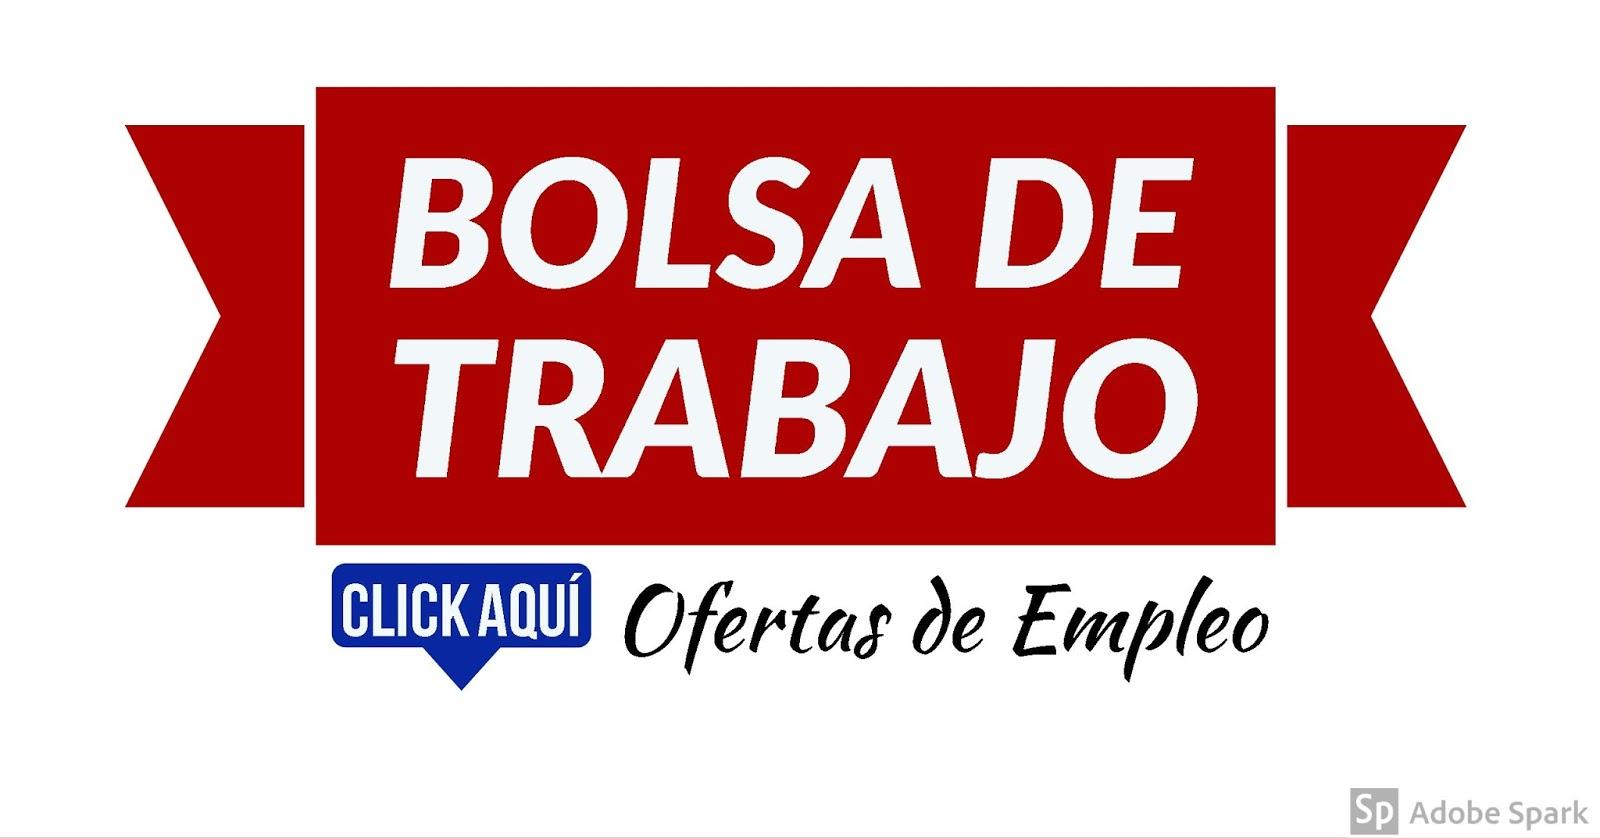 Bolsa De Trabajo Mercer : Noviembre trabajo empleos paraguay parte